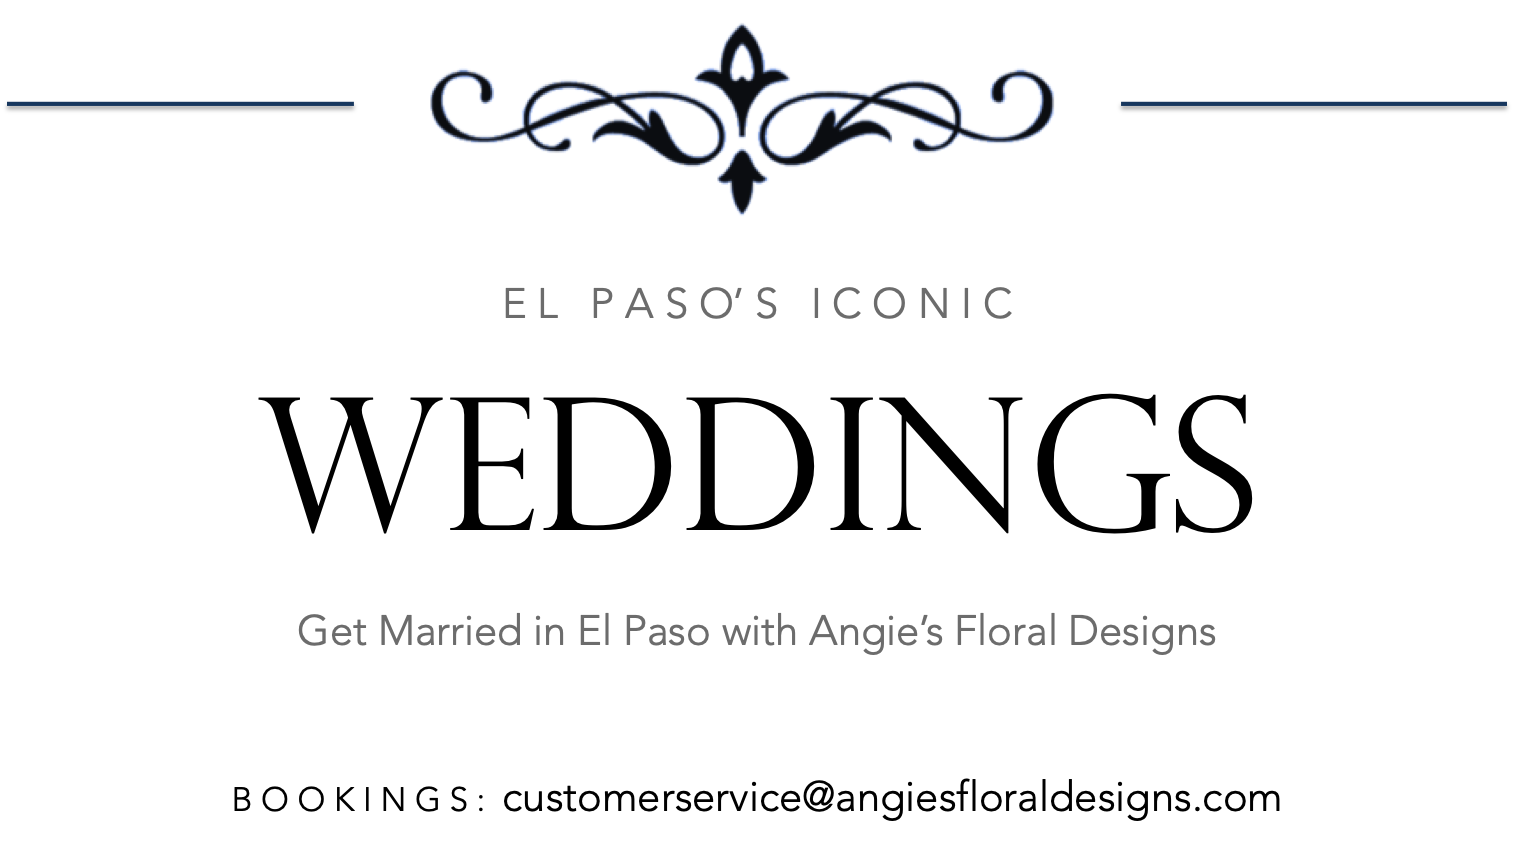 0-weddings-angies-floral-designs-79912-corporate-designscorporate1-flowershop-el-paso-florist-79912-flowershop-luxury-flower-delivery-.png